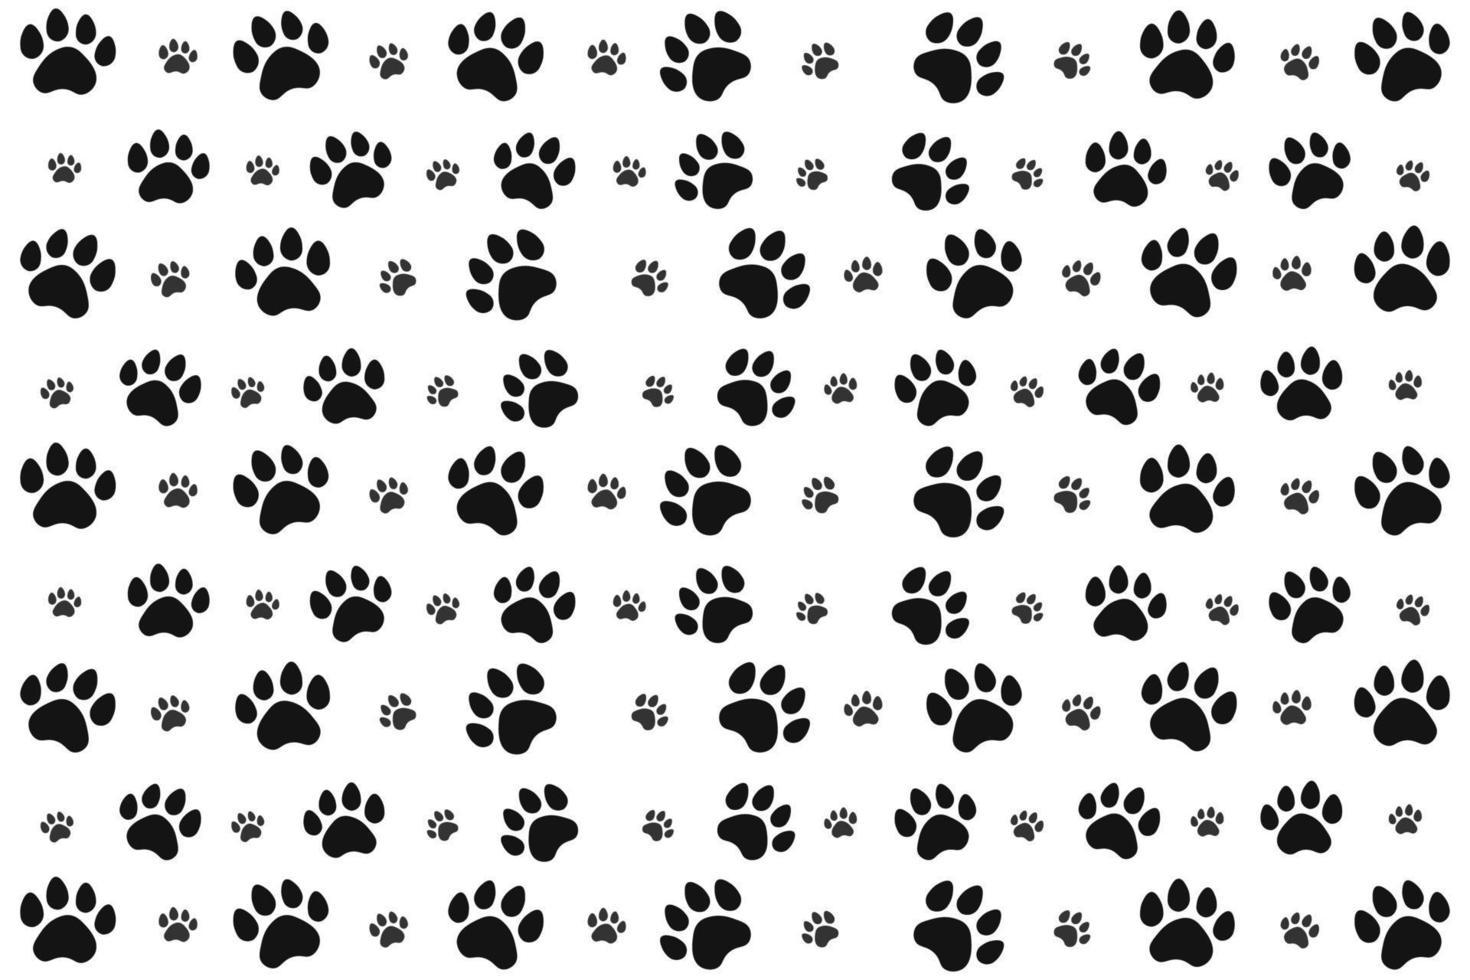 Motif De Patte D Animal Noir 2092090 Telecharger Vectoriel Gratuit Clipart Graphique Vecteur Dessins Et Pictogramme Gratuit